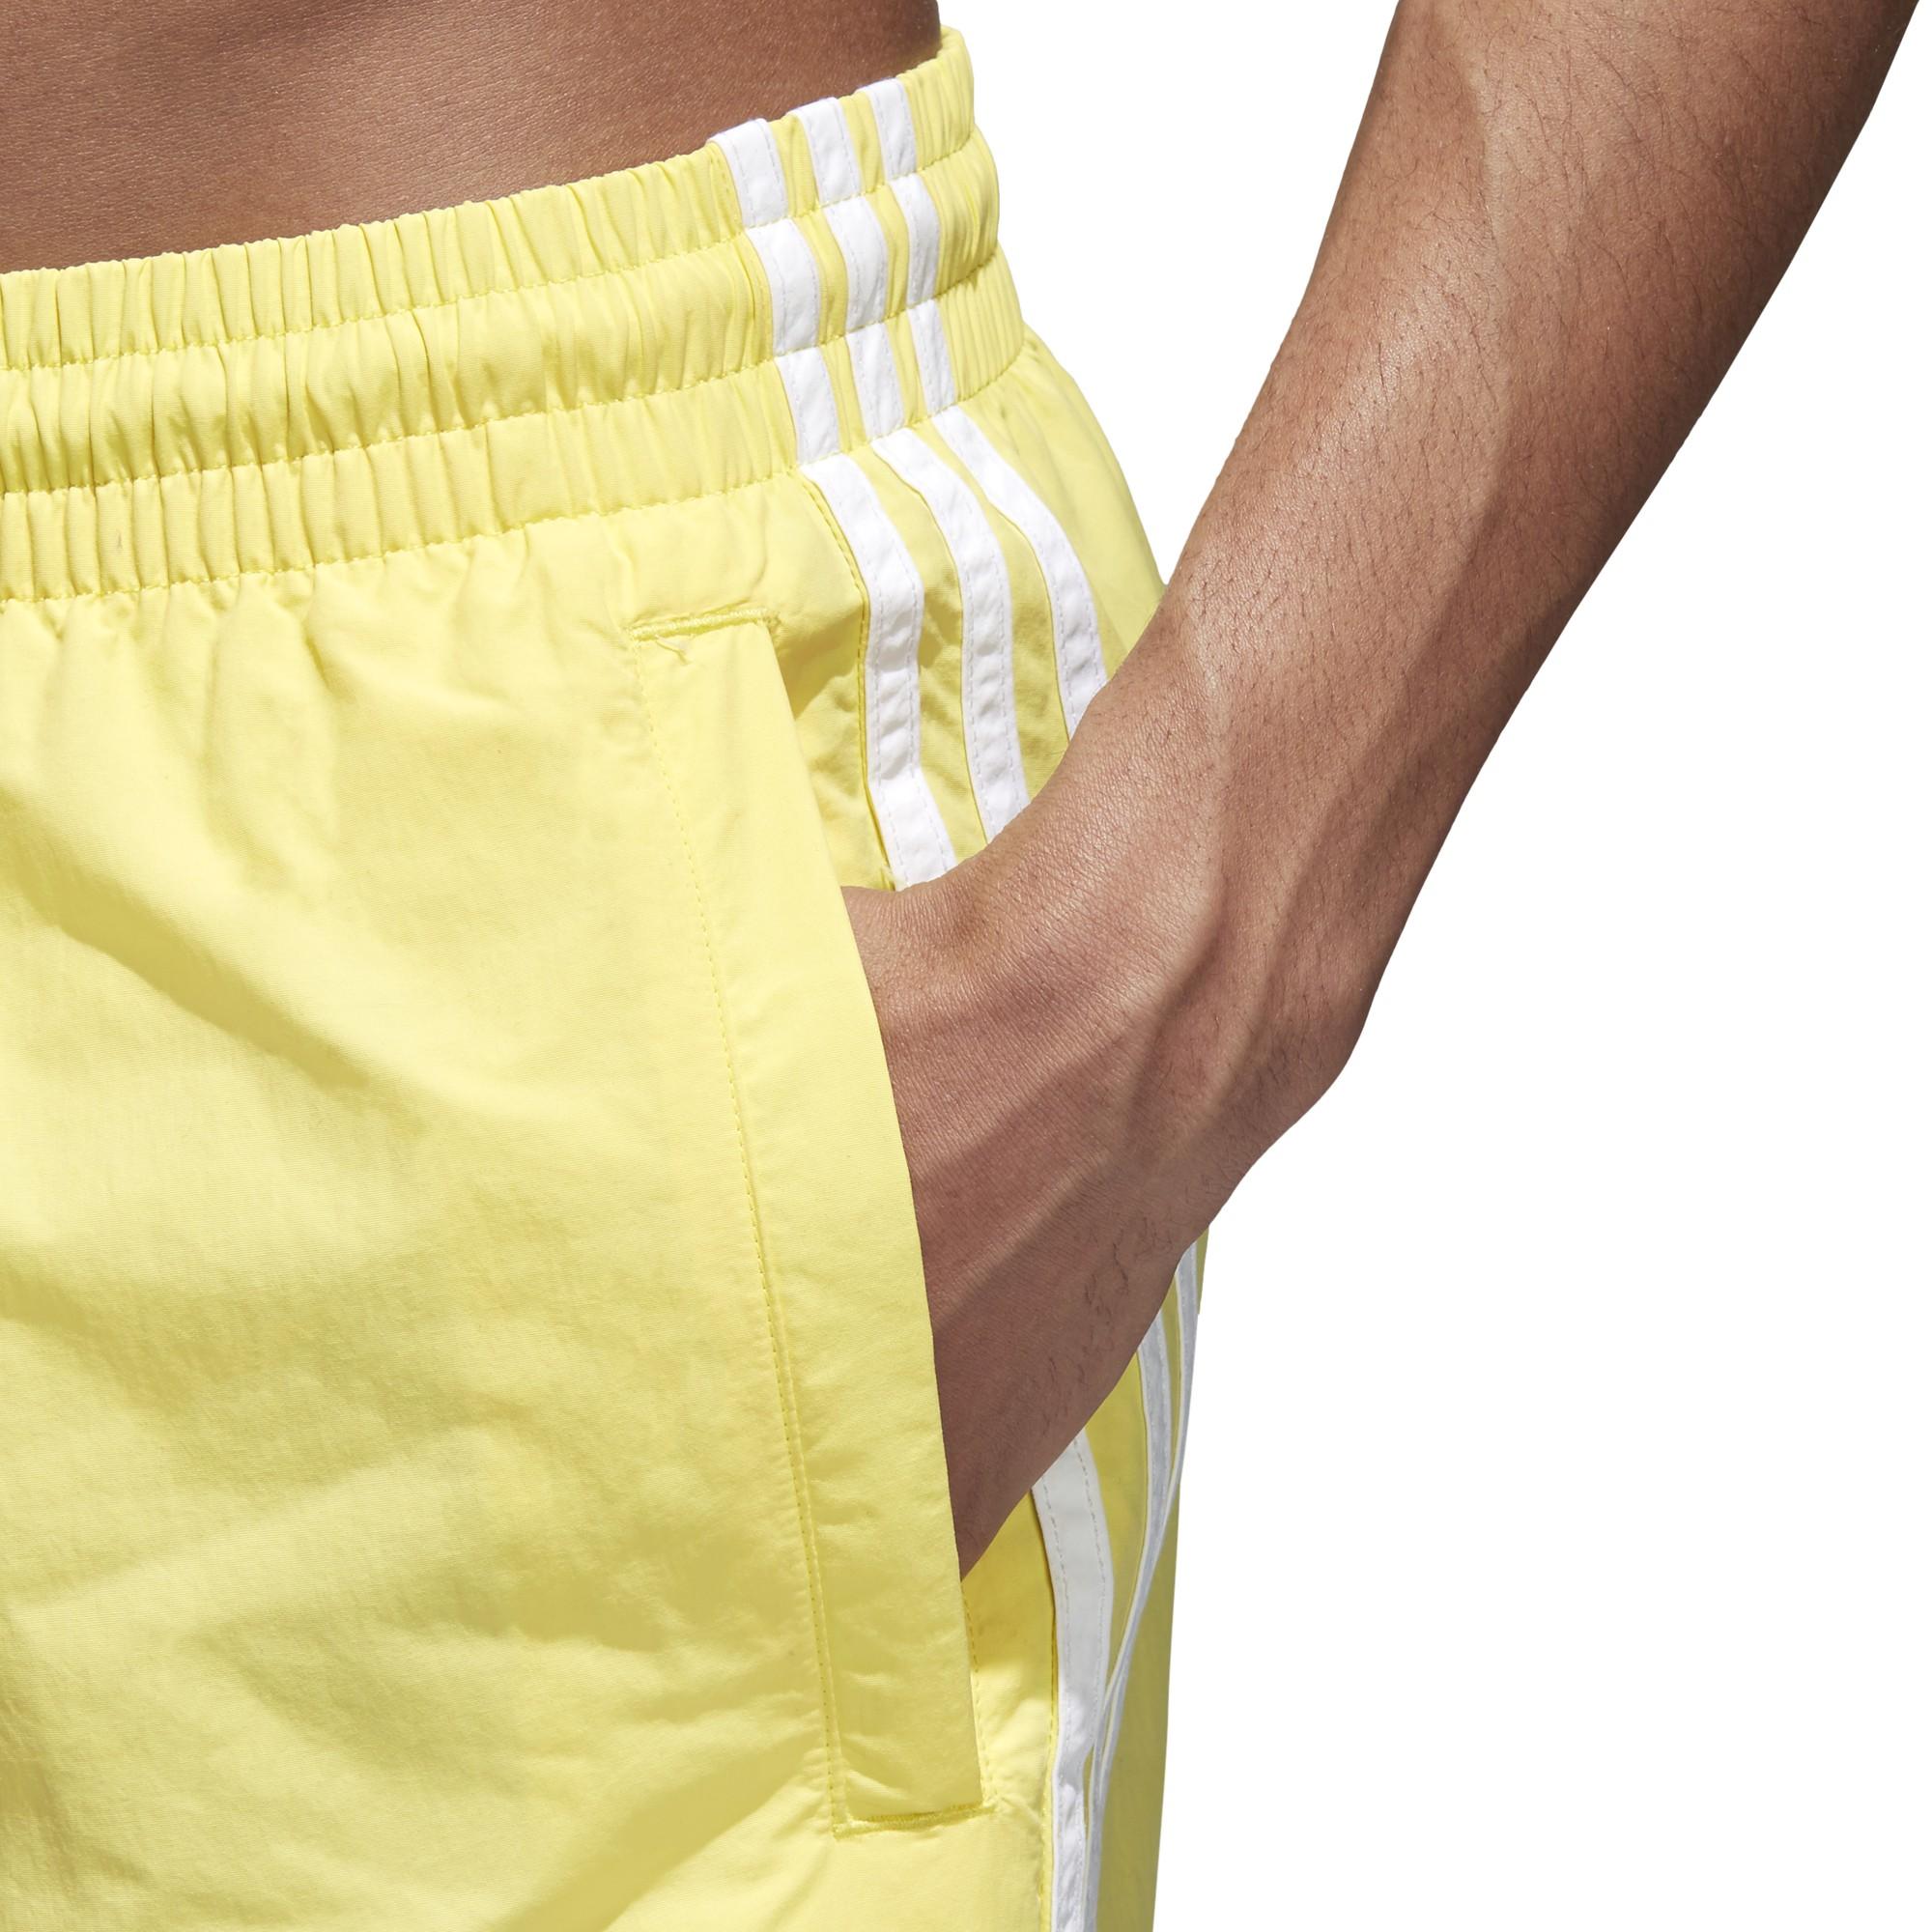 a6281f9e5b36 Pantalón Adidas 3 Bandas Amarillo Hombre - Deportes Moya